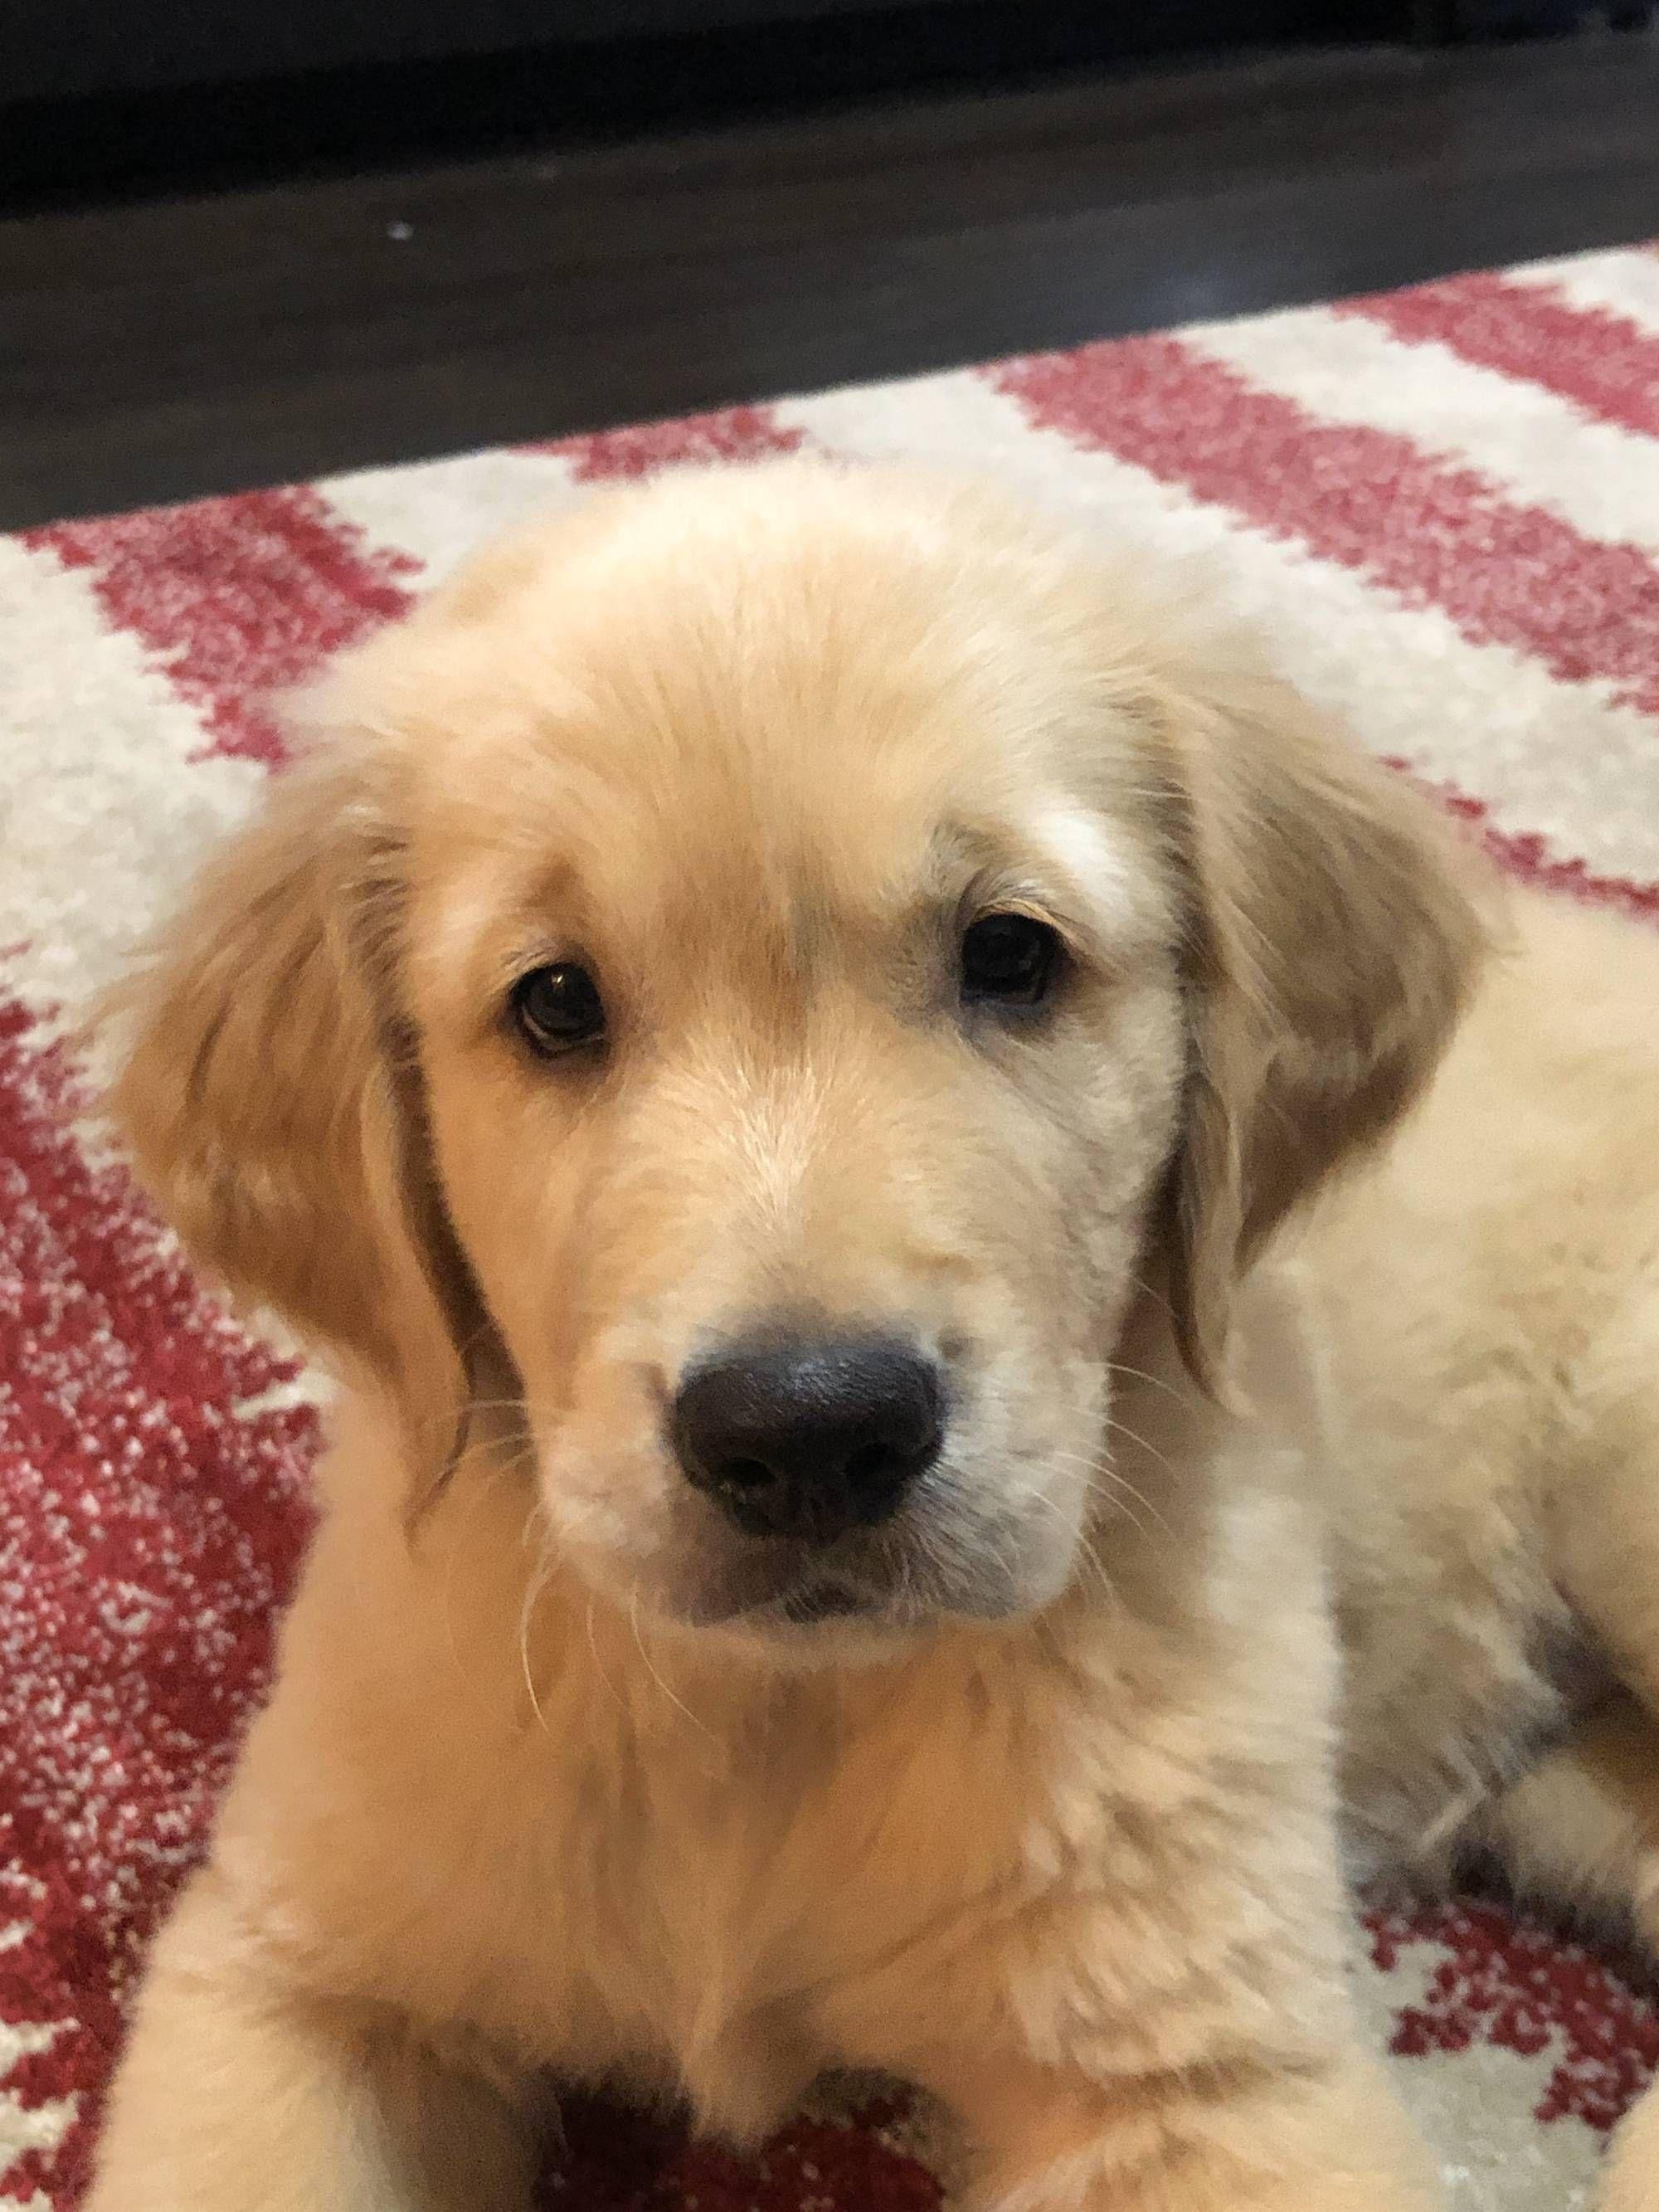 Meet ranger our spunky 9 week old golden hes the bestest